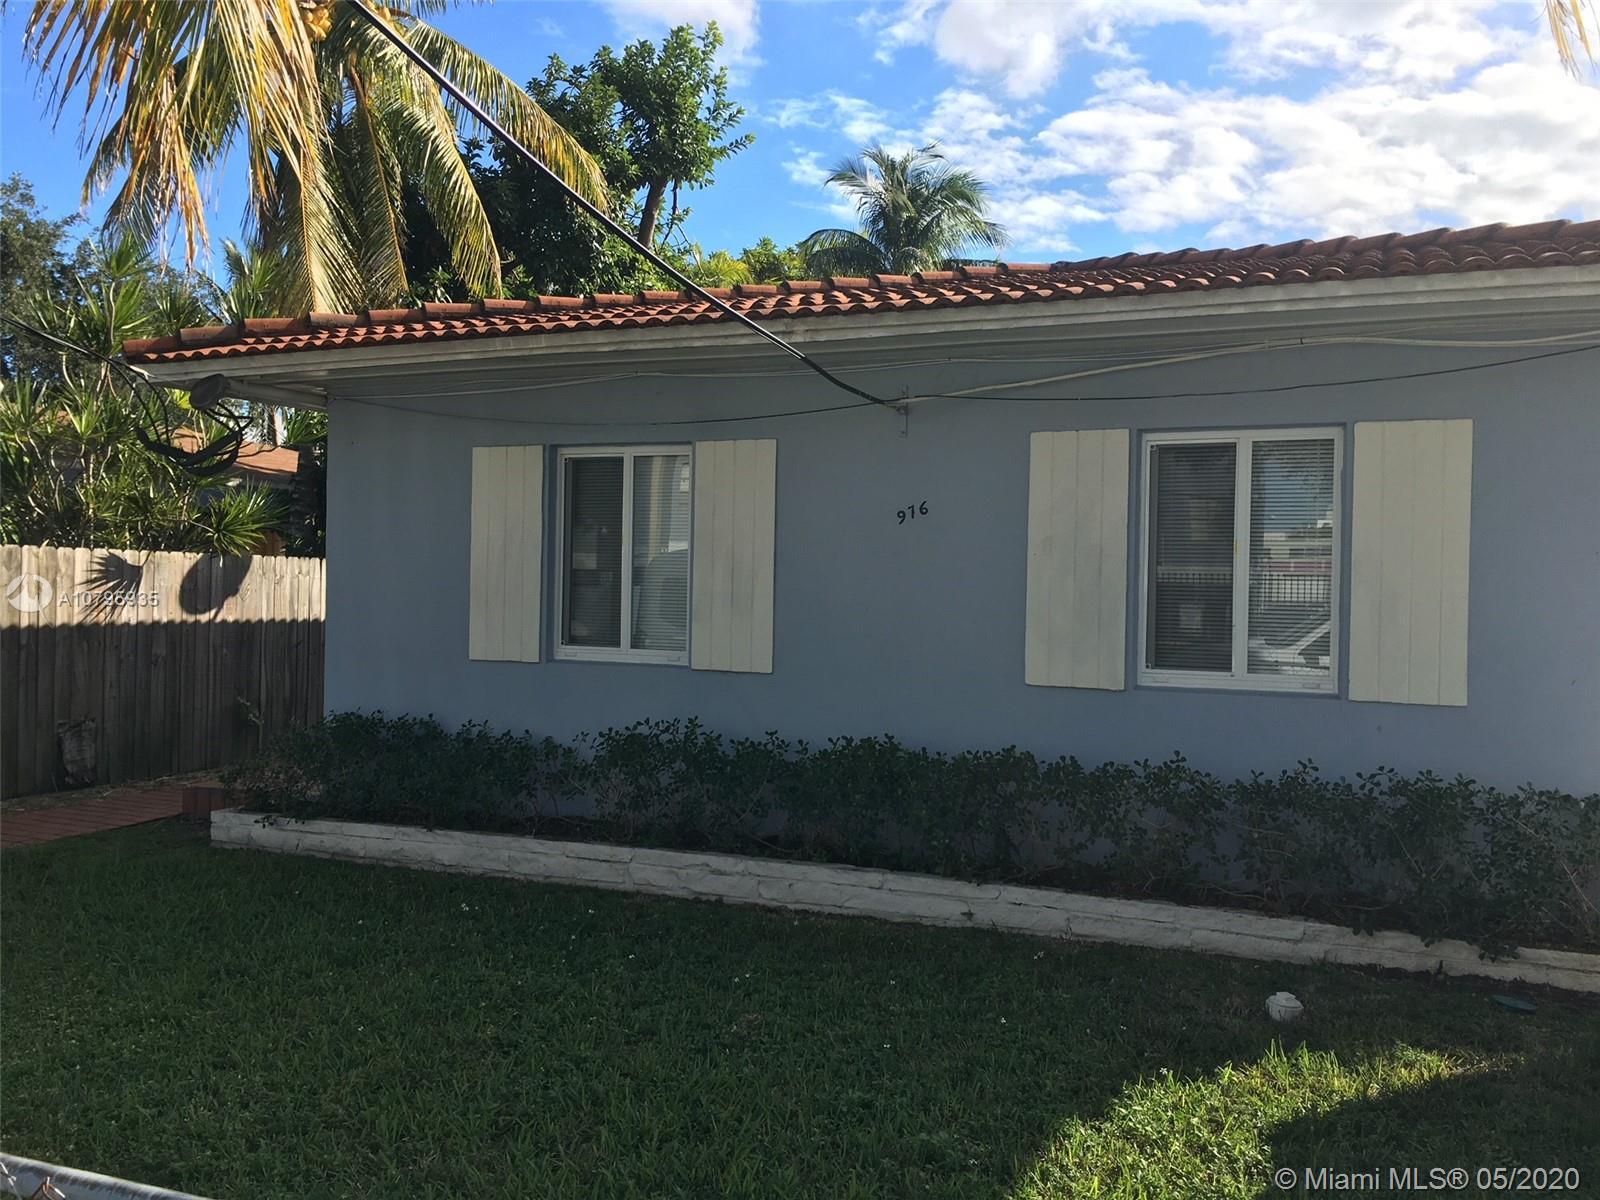 976 NW 6th St, Miami, FL 33136